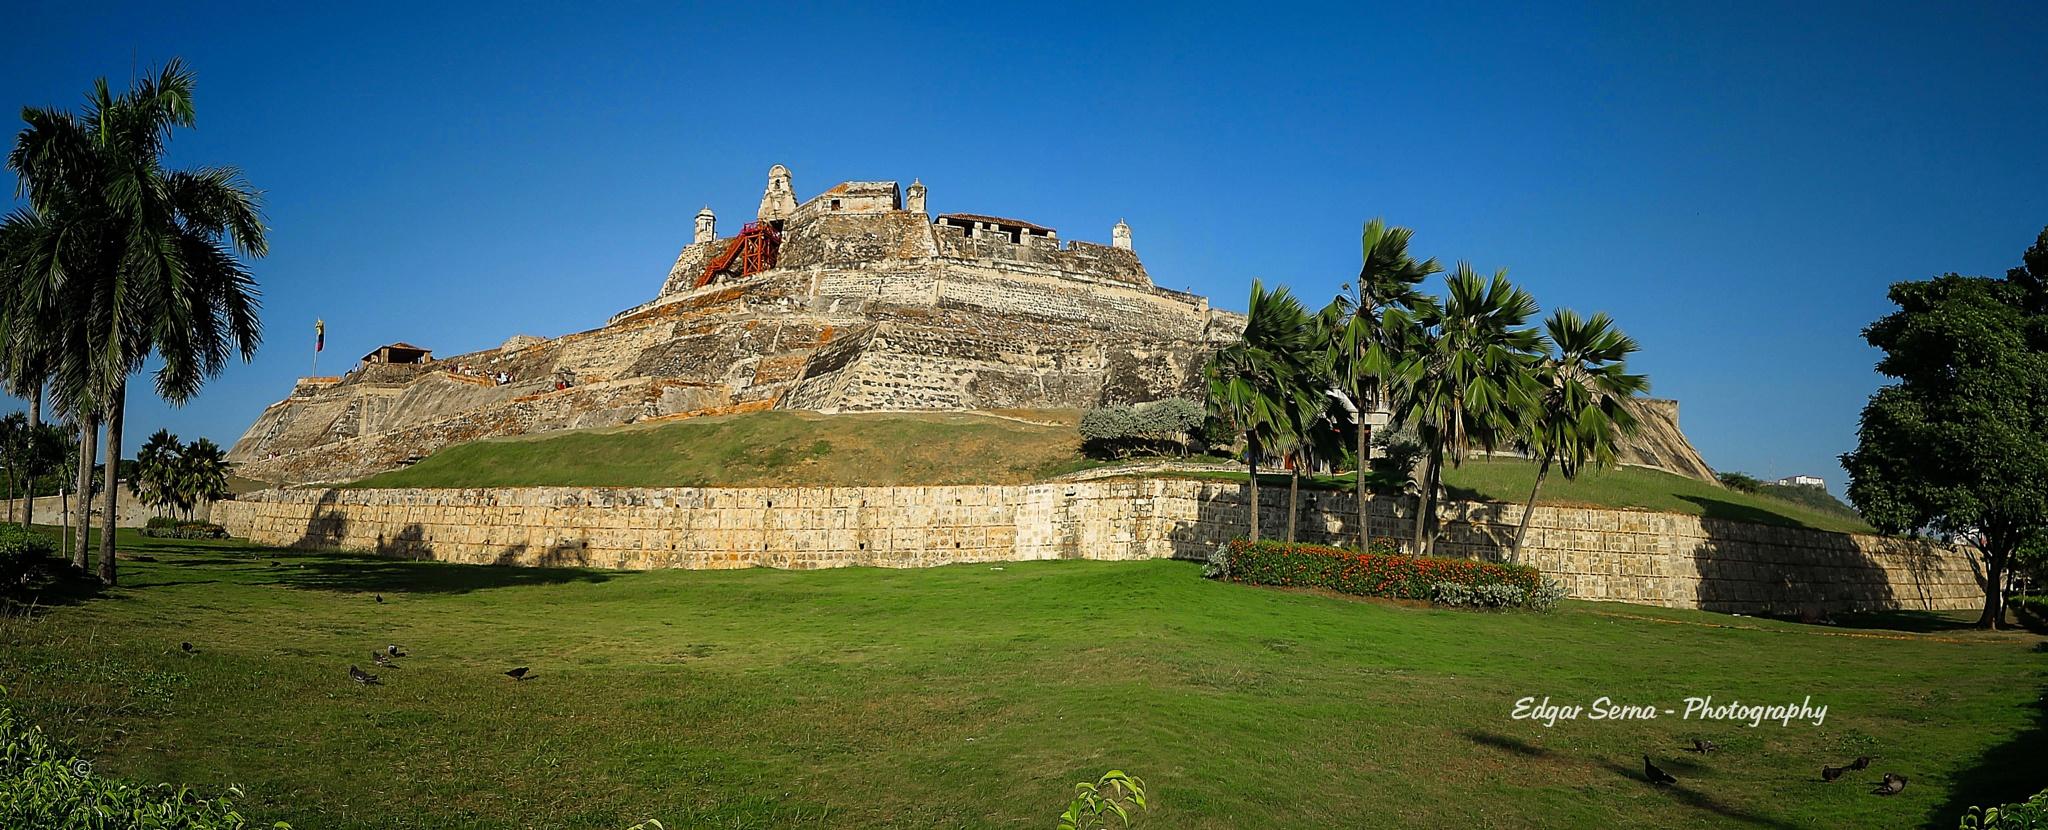 Castillo San Felipe by Edgar Serna